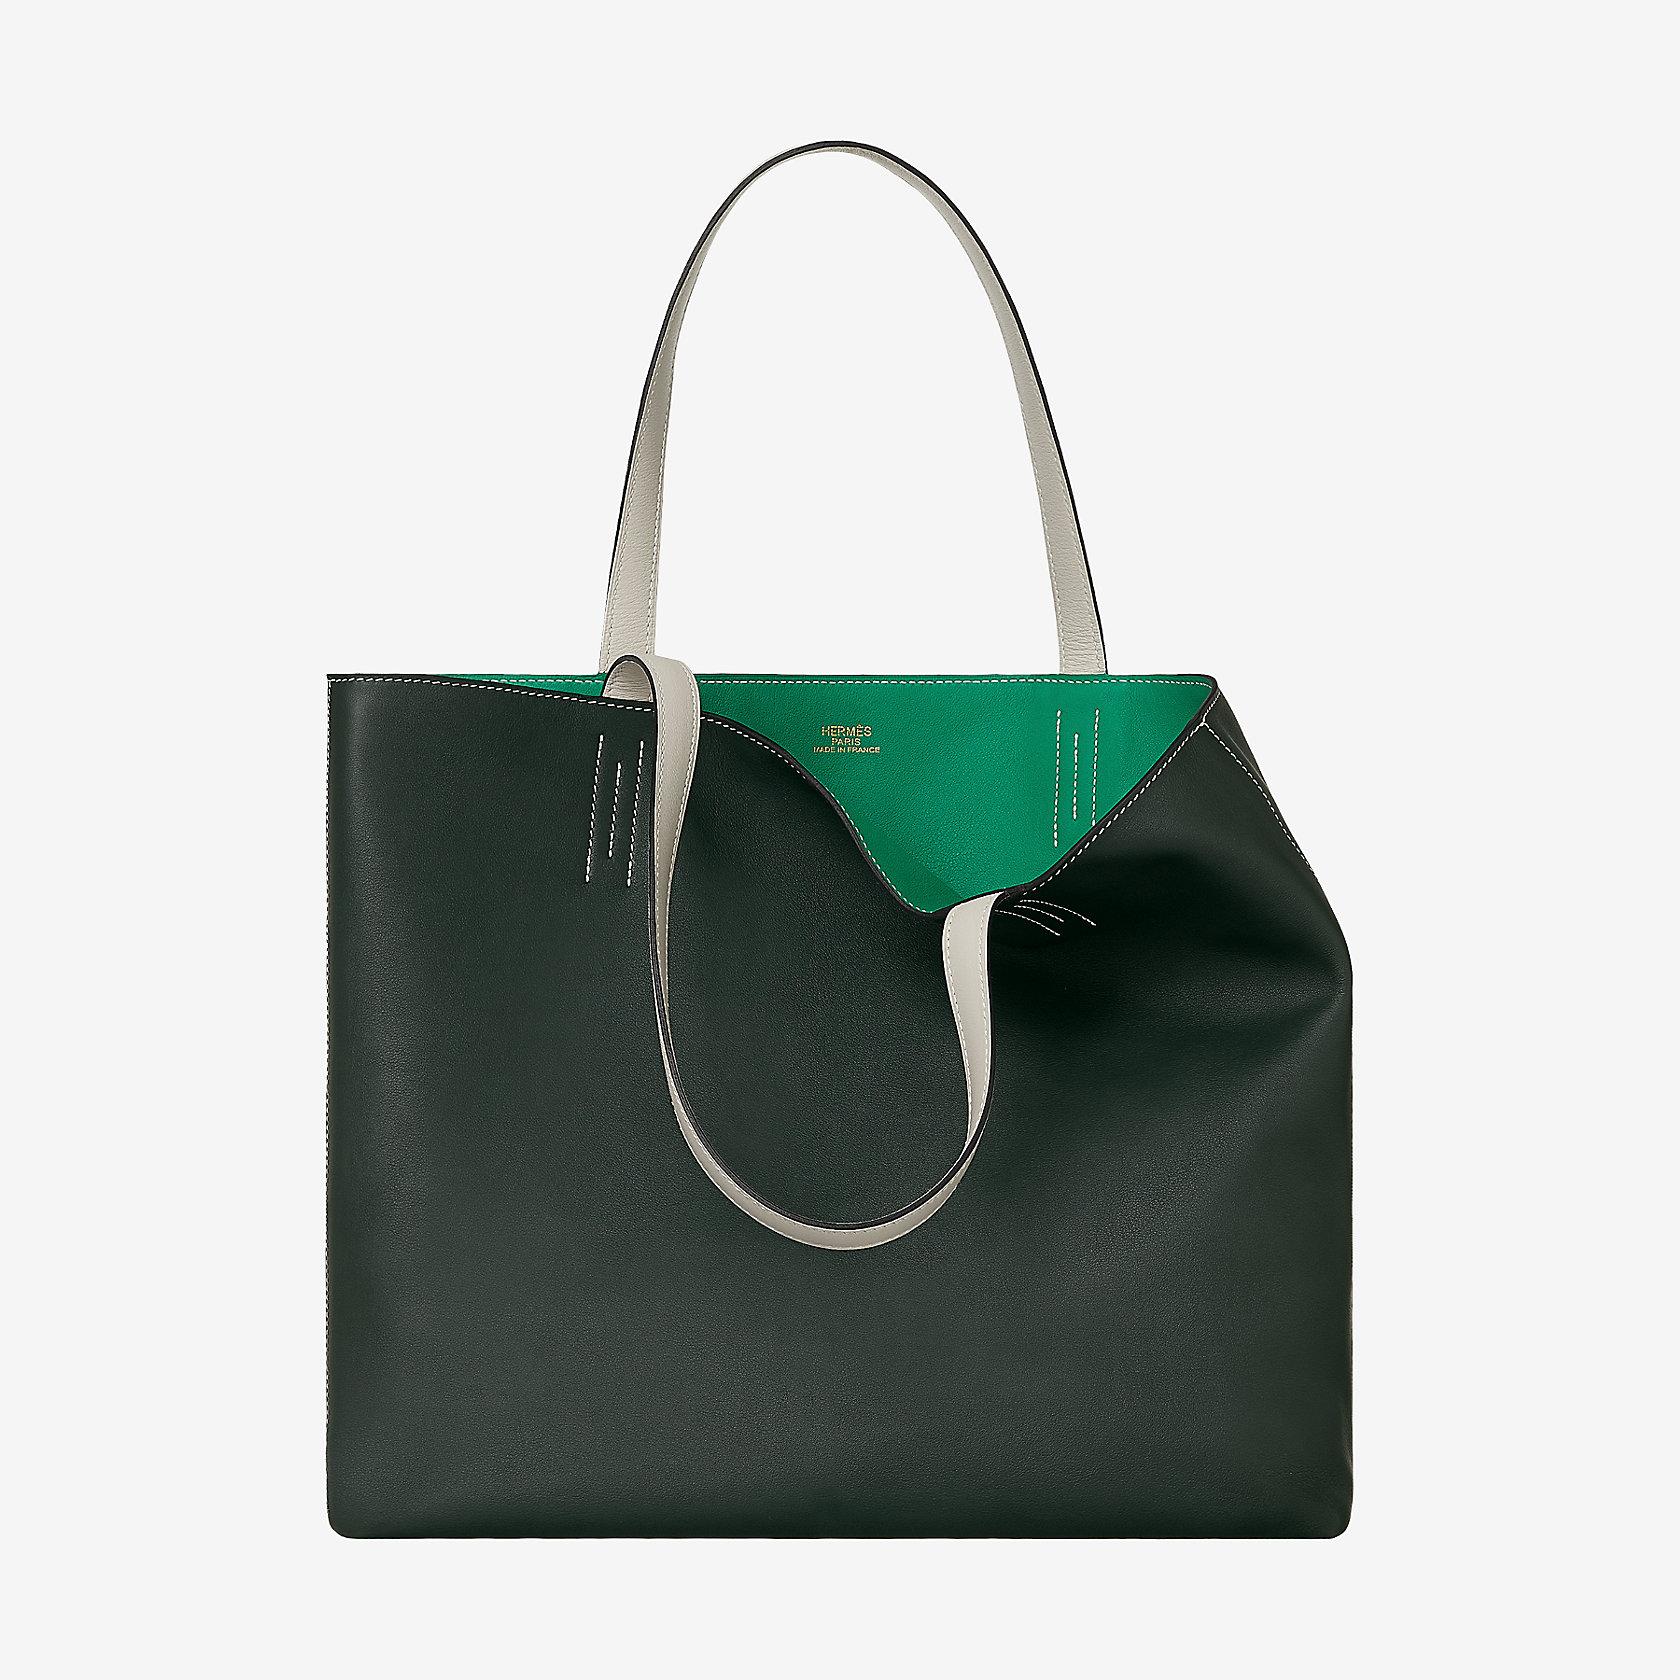 797c814b264d Double Sens 45 touch bag